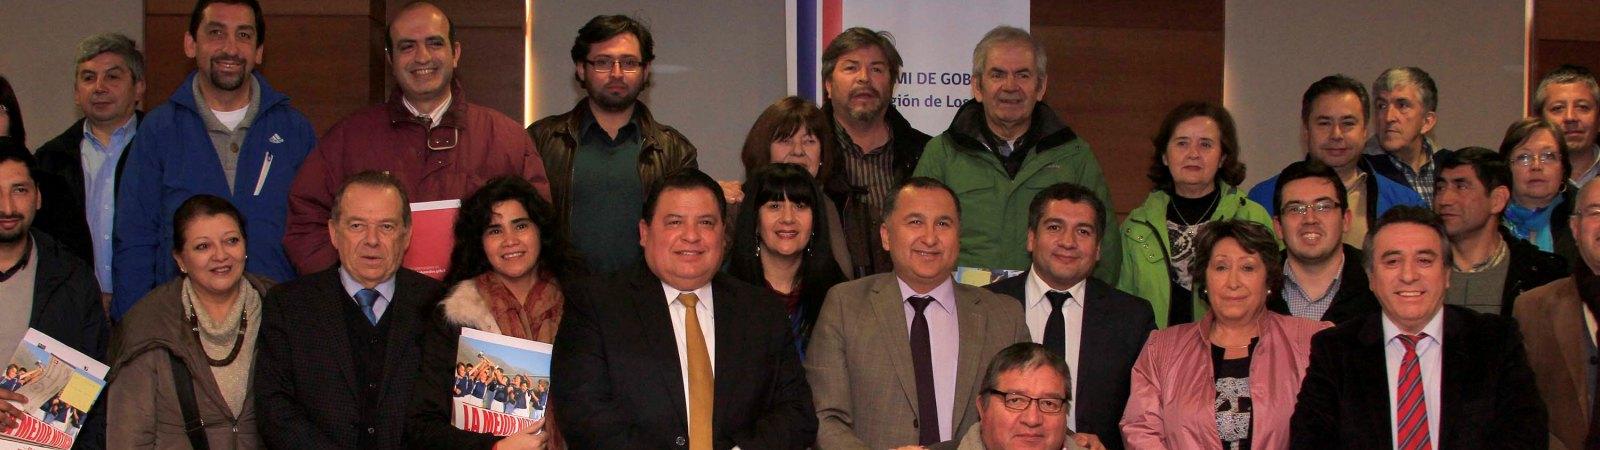 Imagen: Seremi de Gobierno Los Rios / Archivo